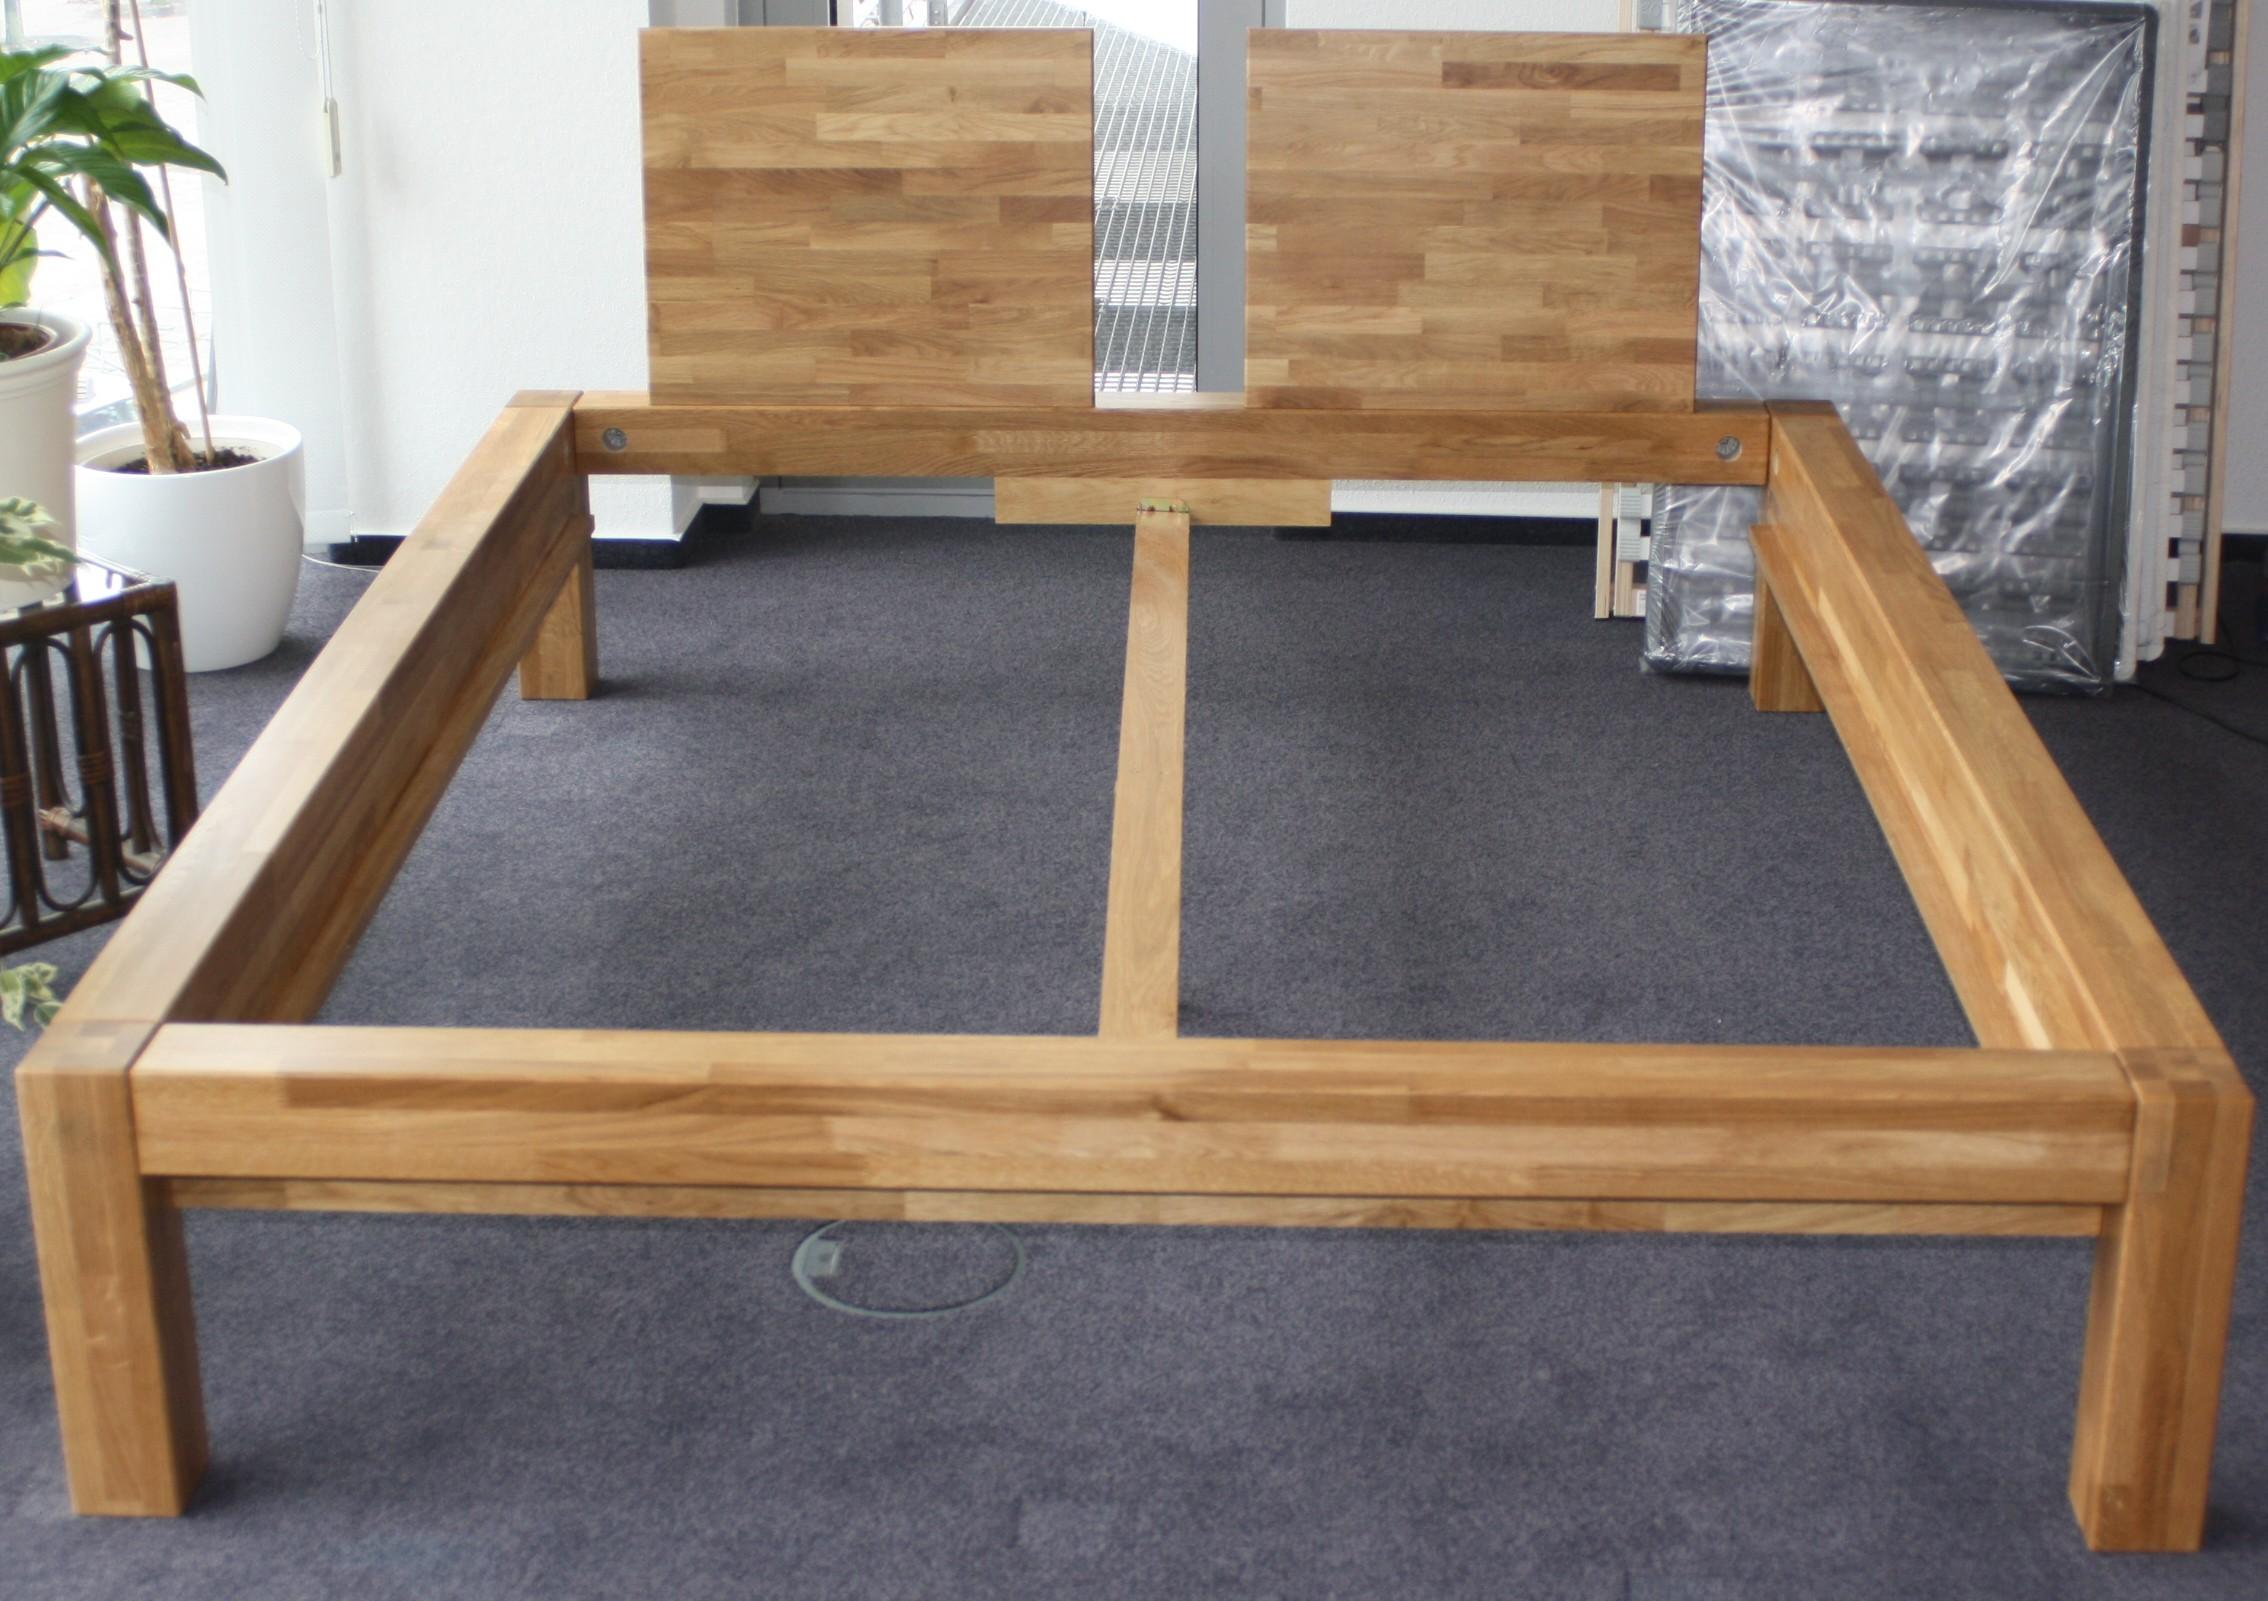 木材饰品家具无钉设计图纸